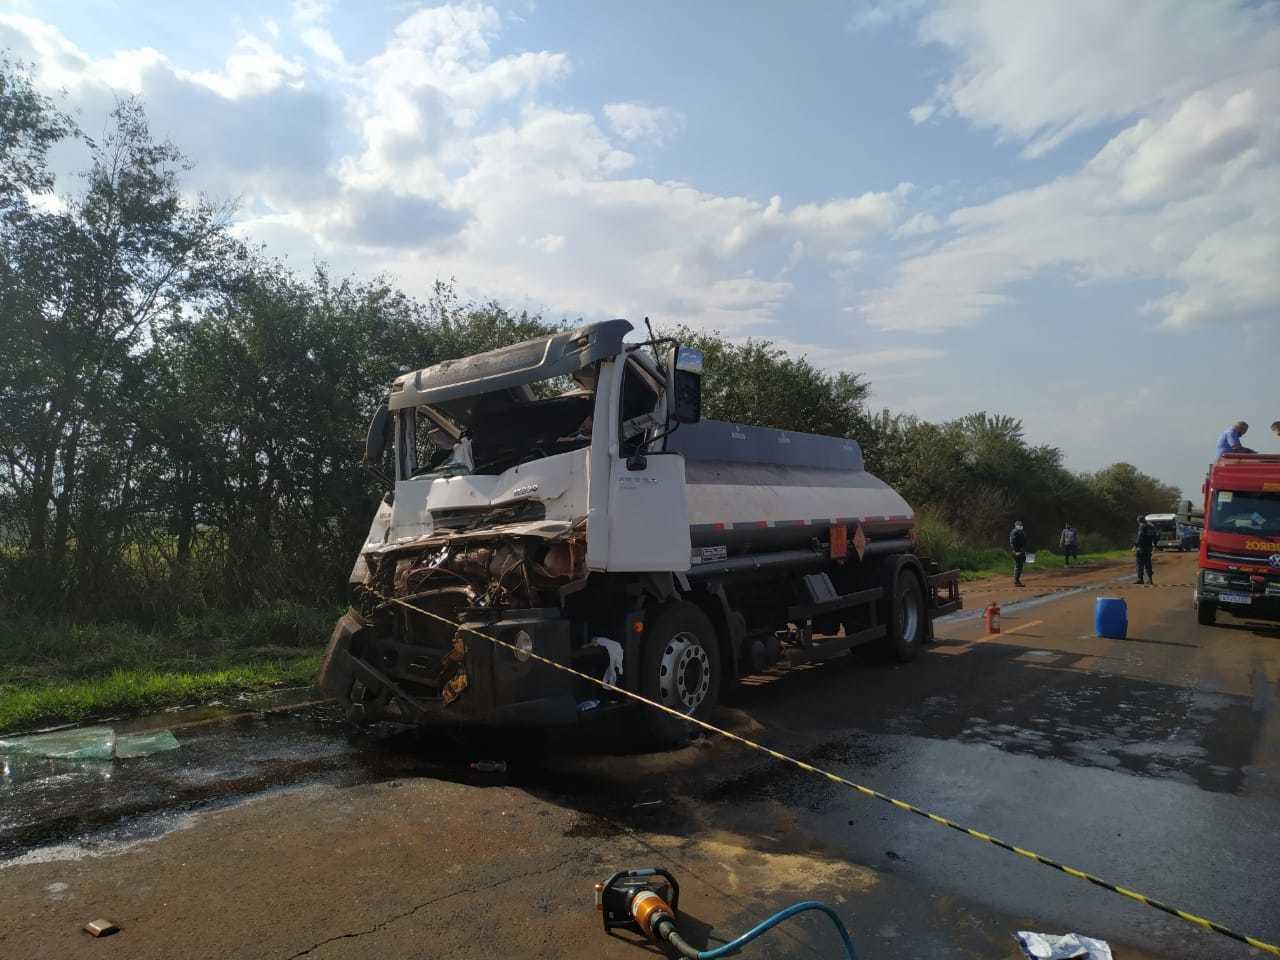 Cabine do caminhão-tanque ficou destruída (Foto: Adilson Domingos)